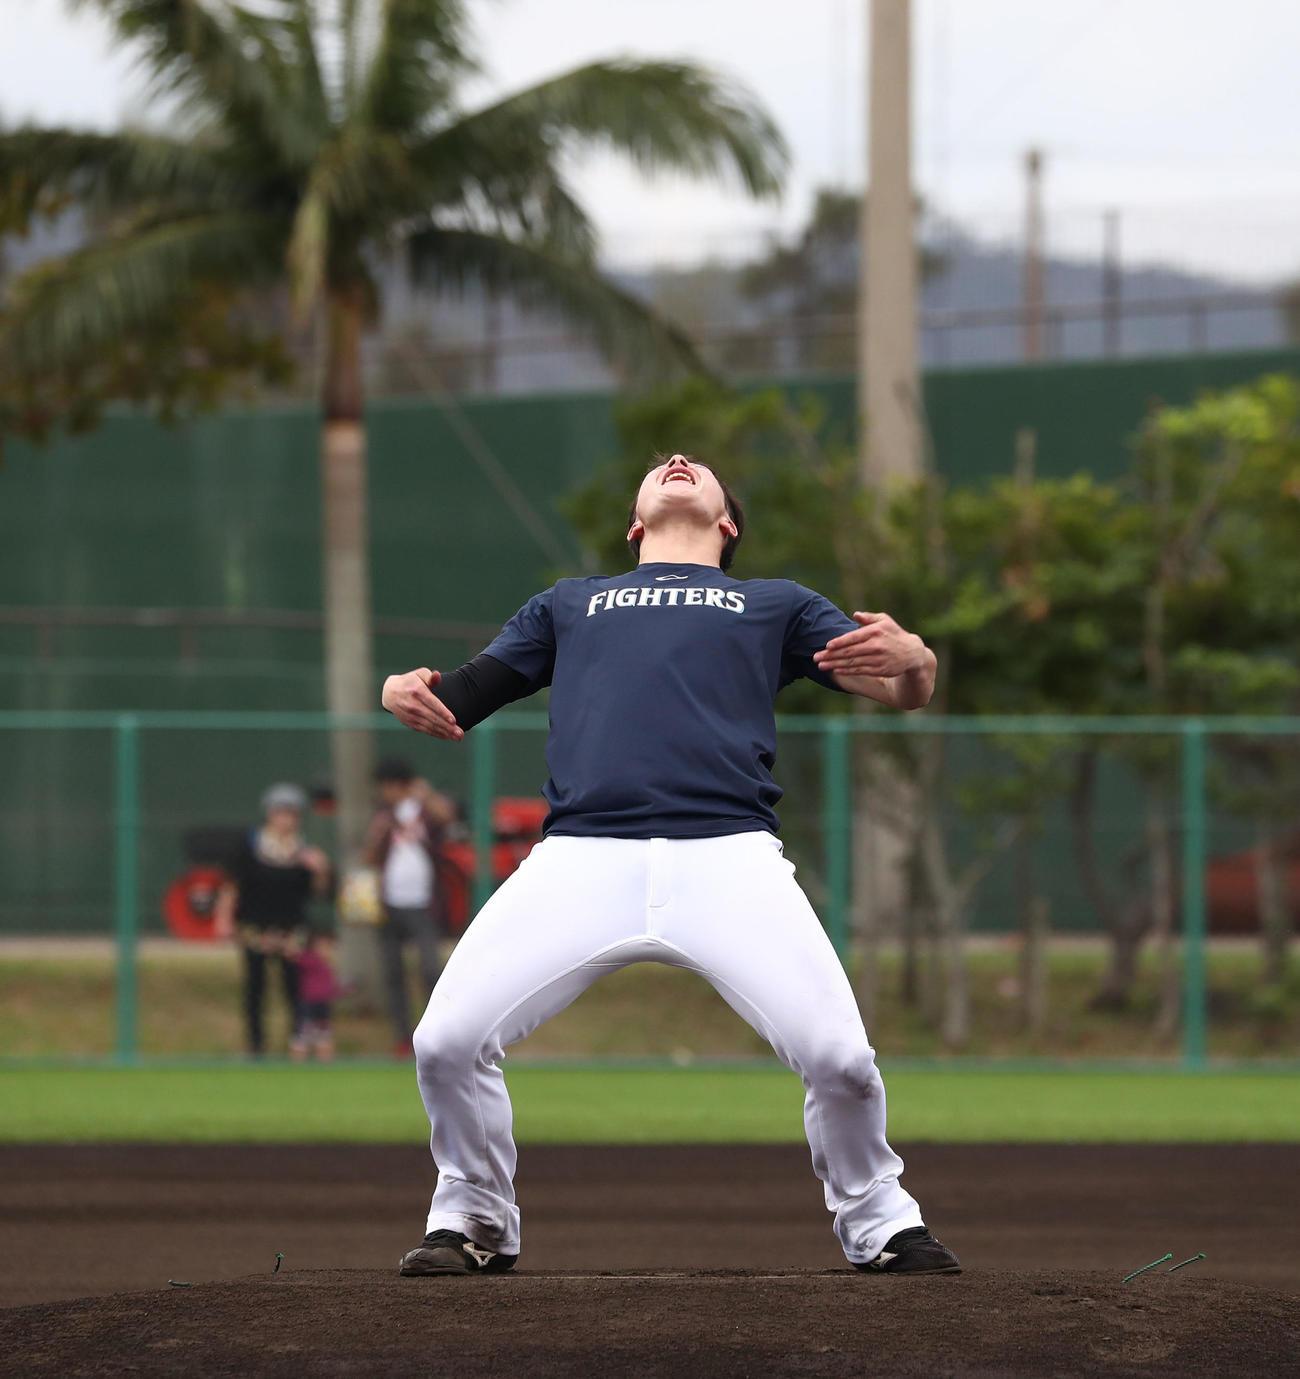 練習中のバツゲームで、マウンドの中心で「コマネチ!」と叫ぶ日本ハム吉田輝星(撮影・黒川智章)